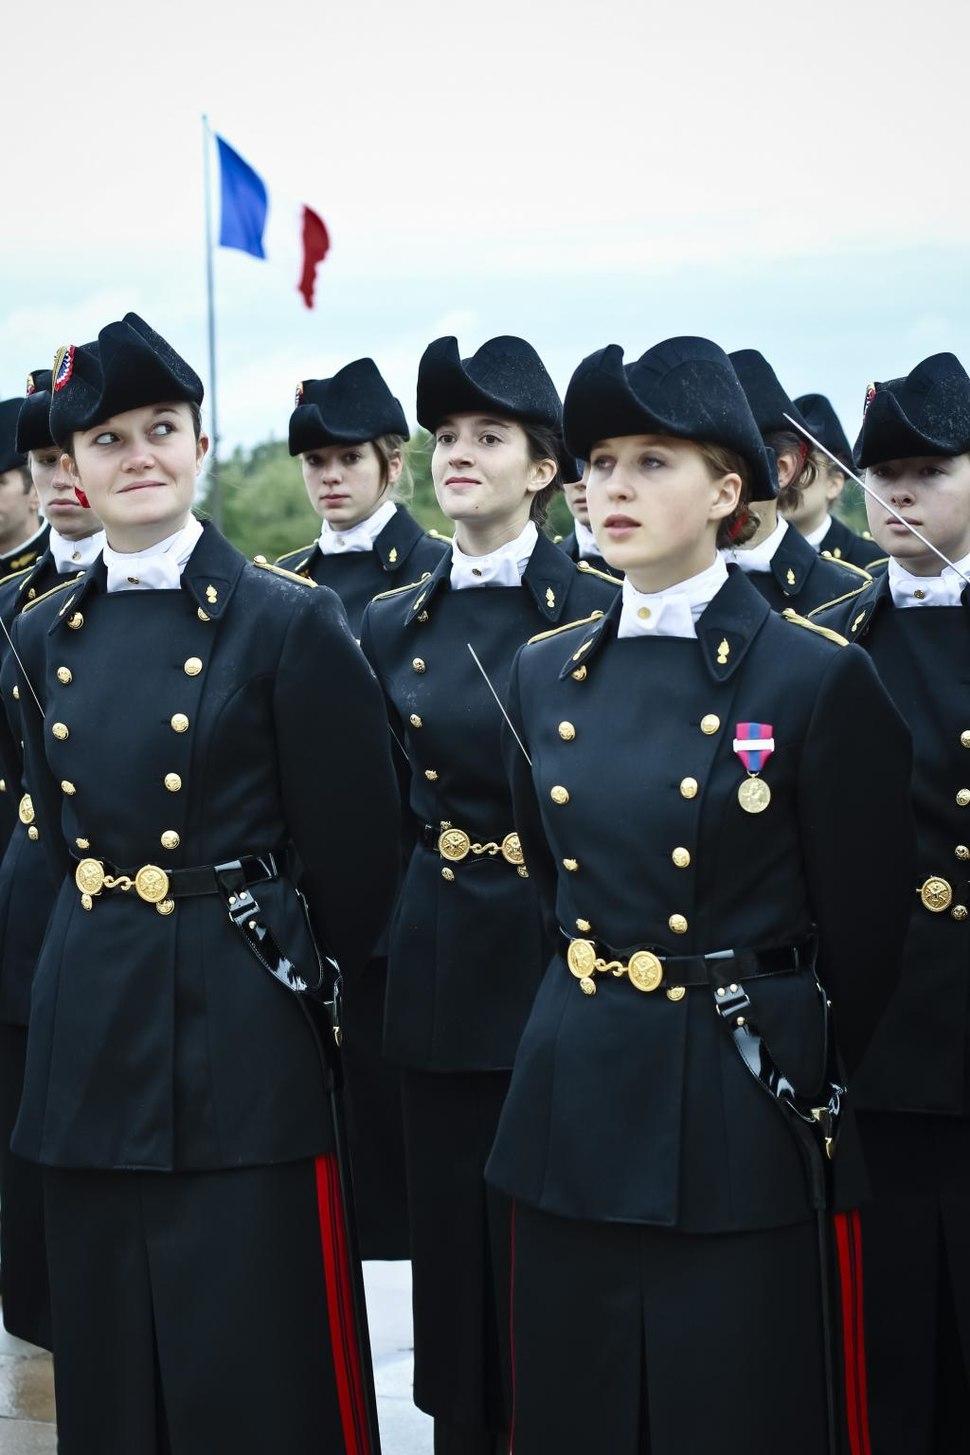 Pr%C3%A9sentation au drapeau 2012 %C3%89cole polytechnique